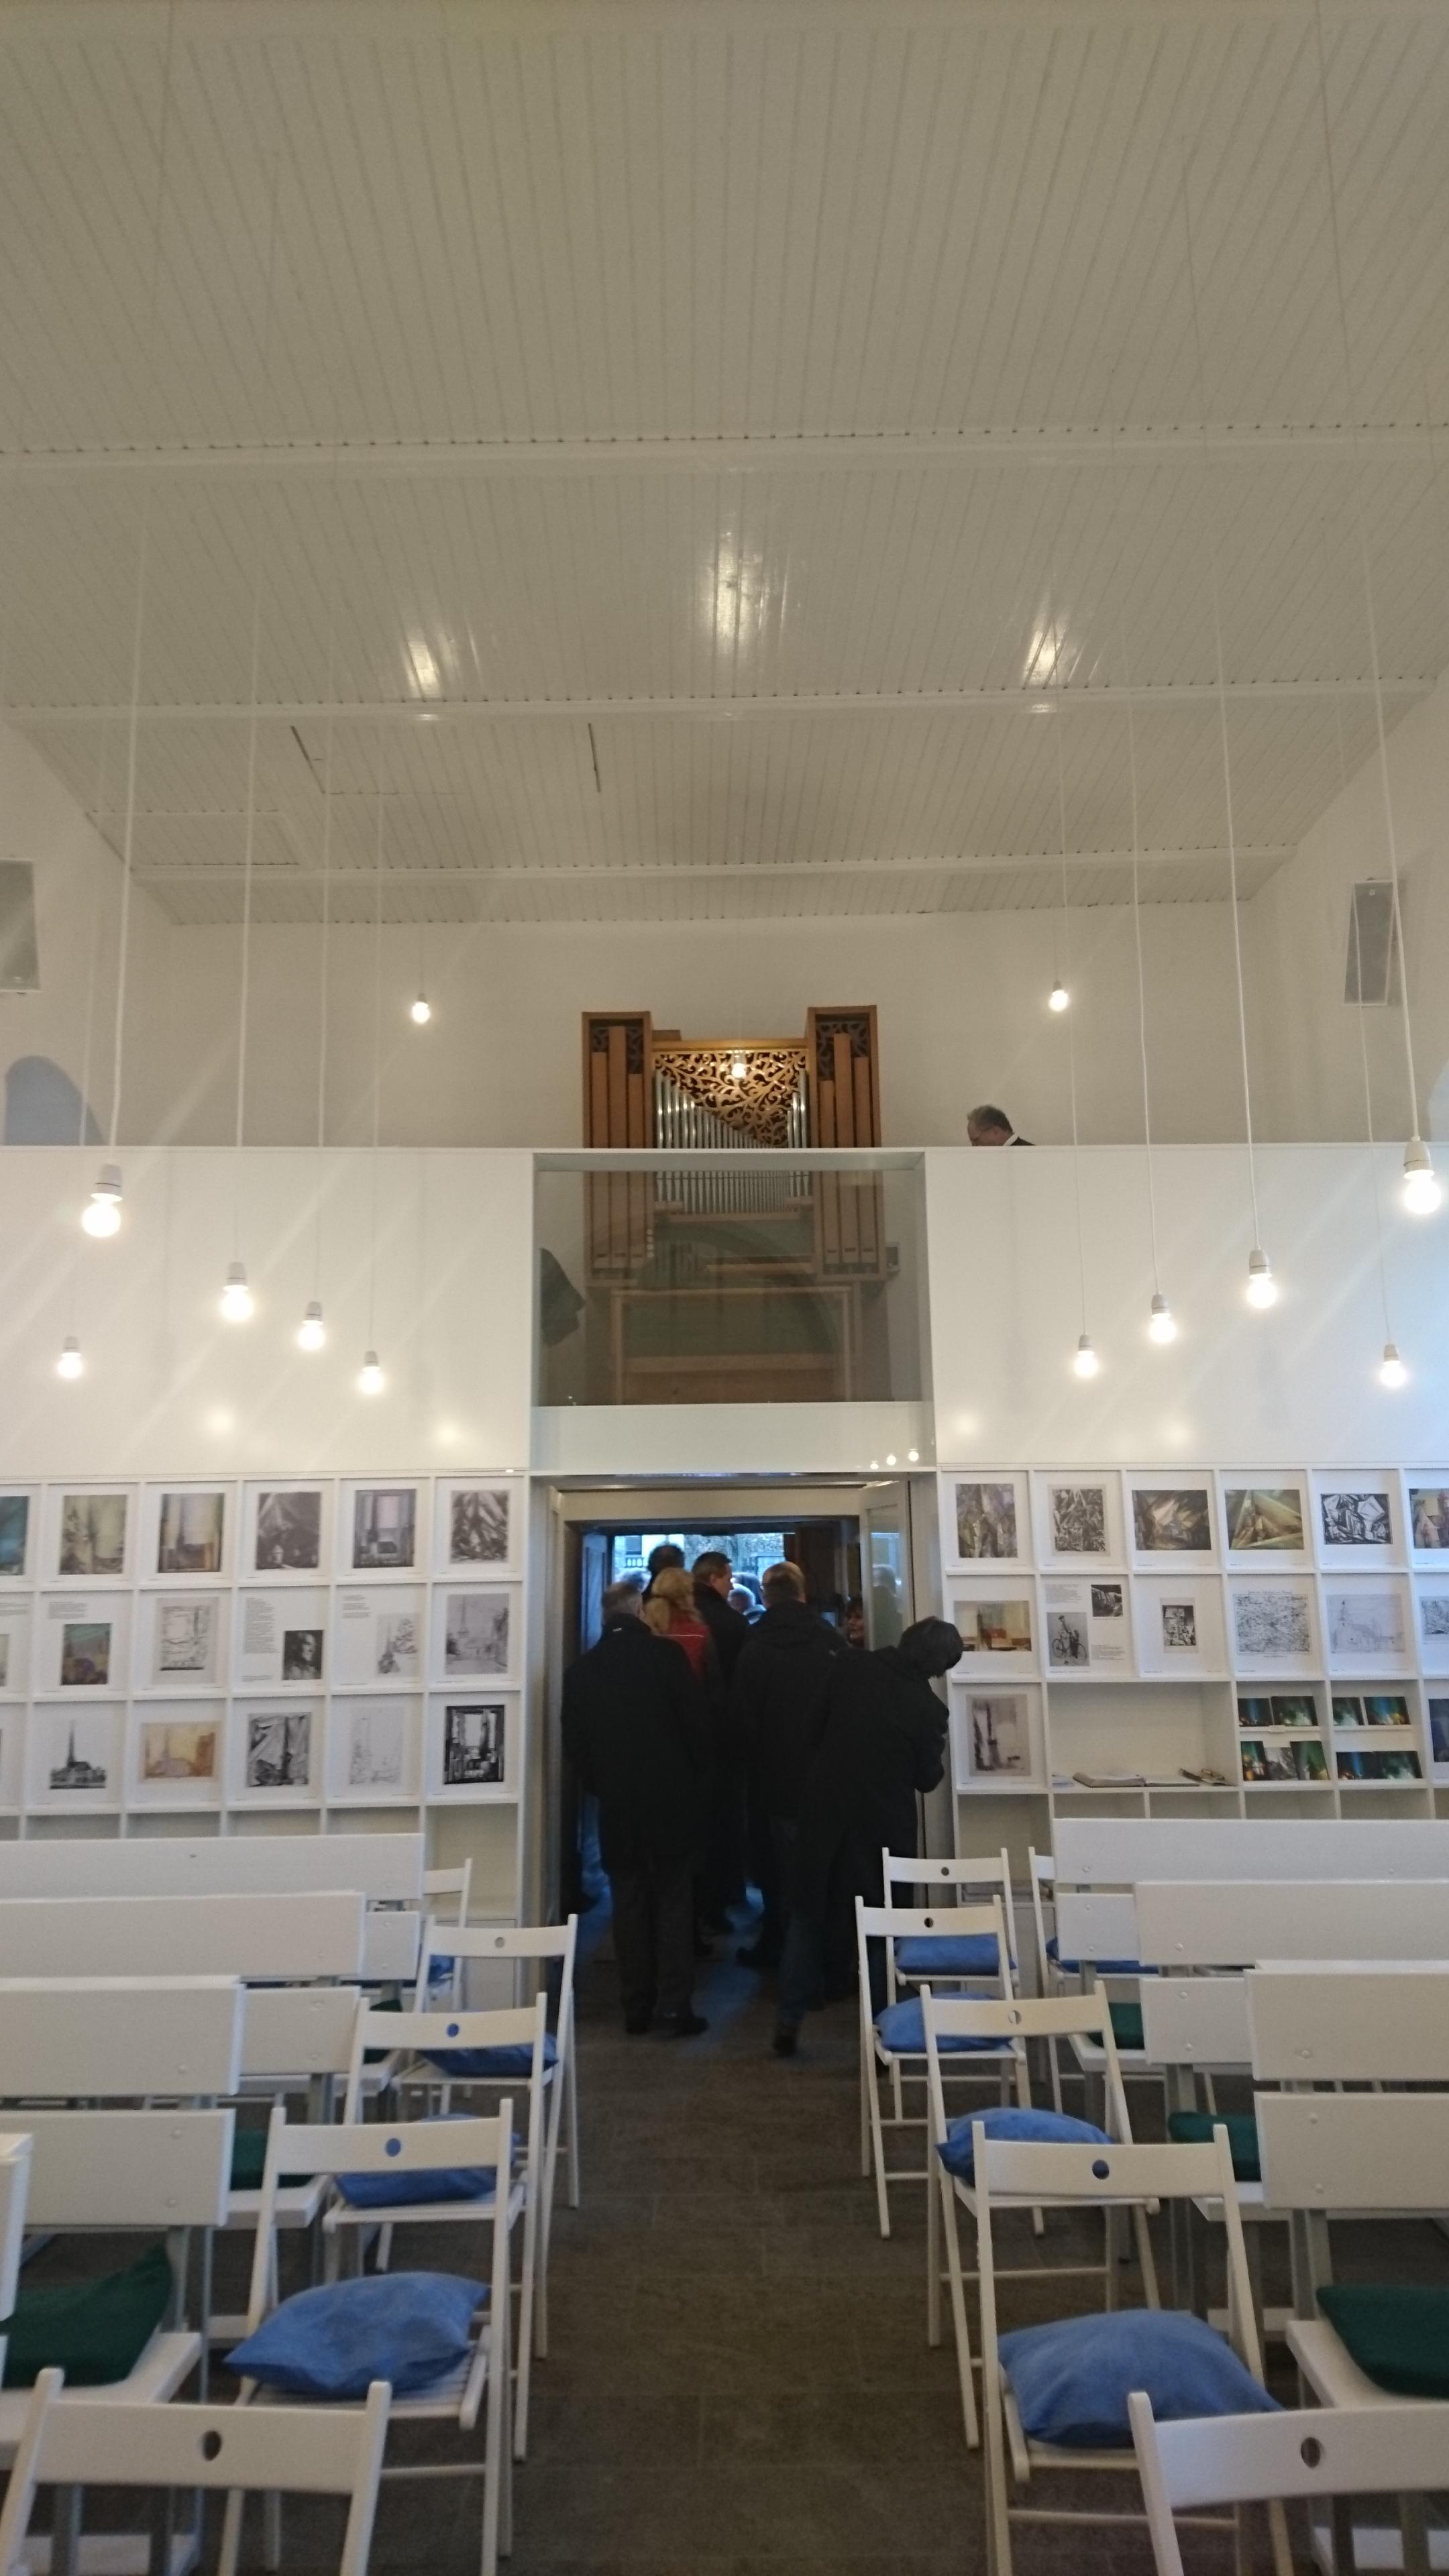 Innenraum der Feiningerkirche Gelmeroda - Ansicht 1, RAG Weimarer Land - Mittelthüringen e.V.